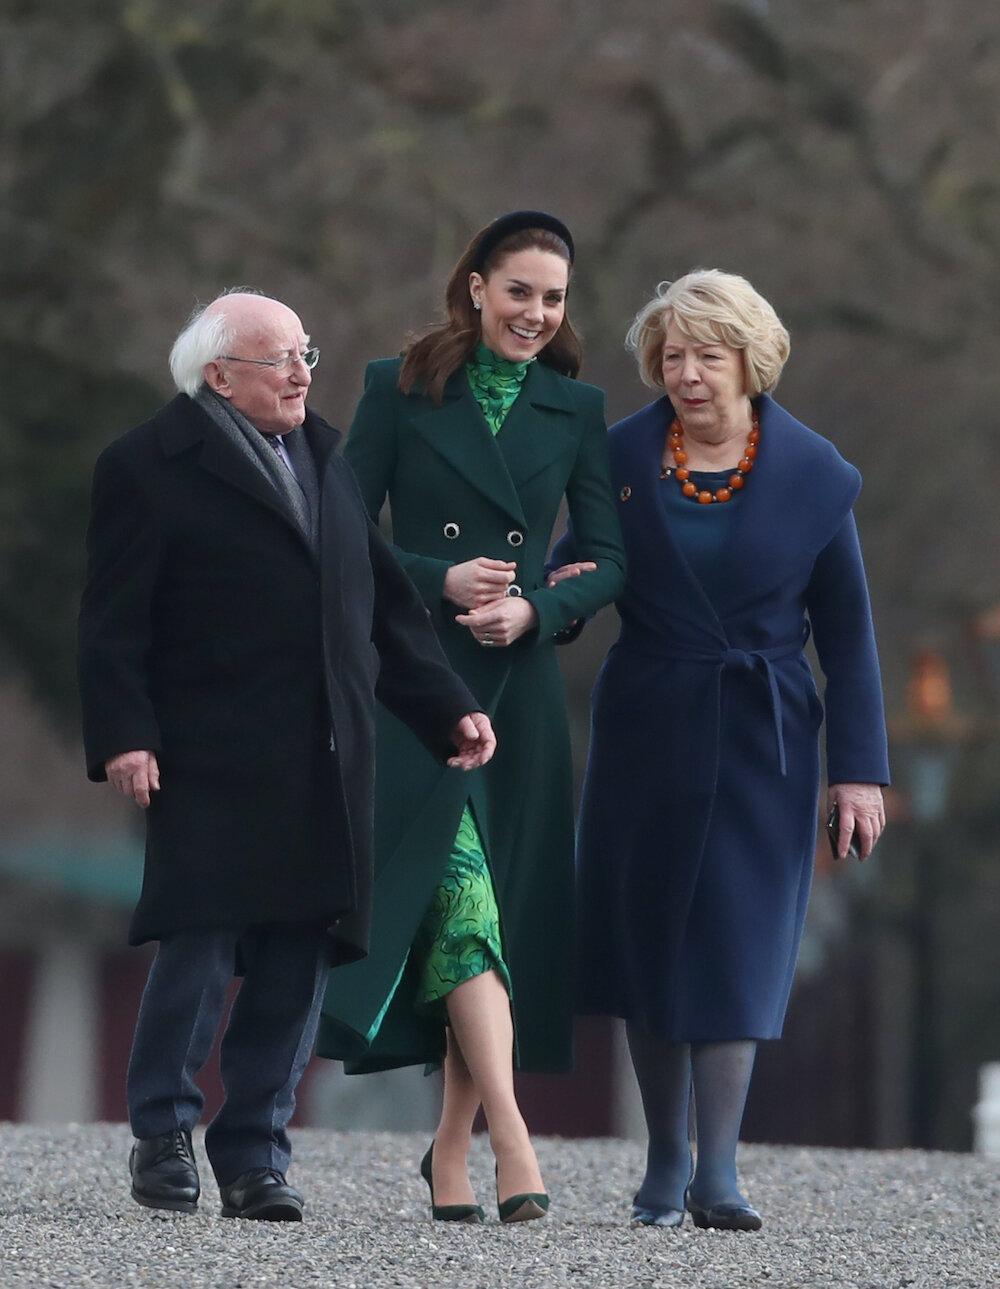 Herzogin Kate ließ ihren Charme spielen und verzauberte Präsidentengattin Sabrina Higgins. © picture alliance / empics